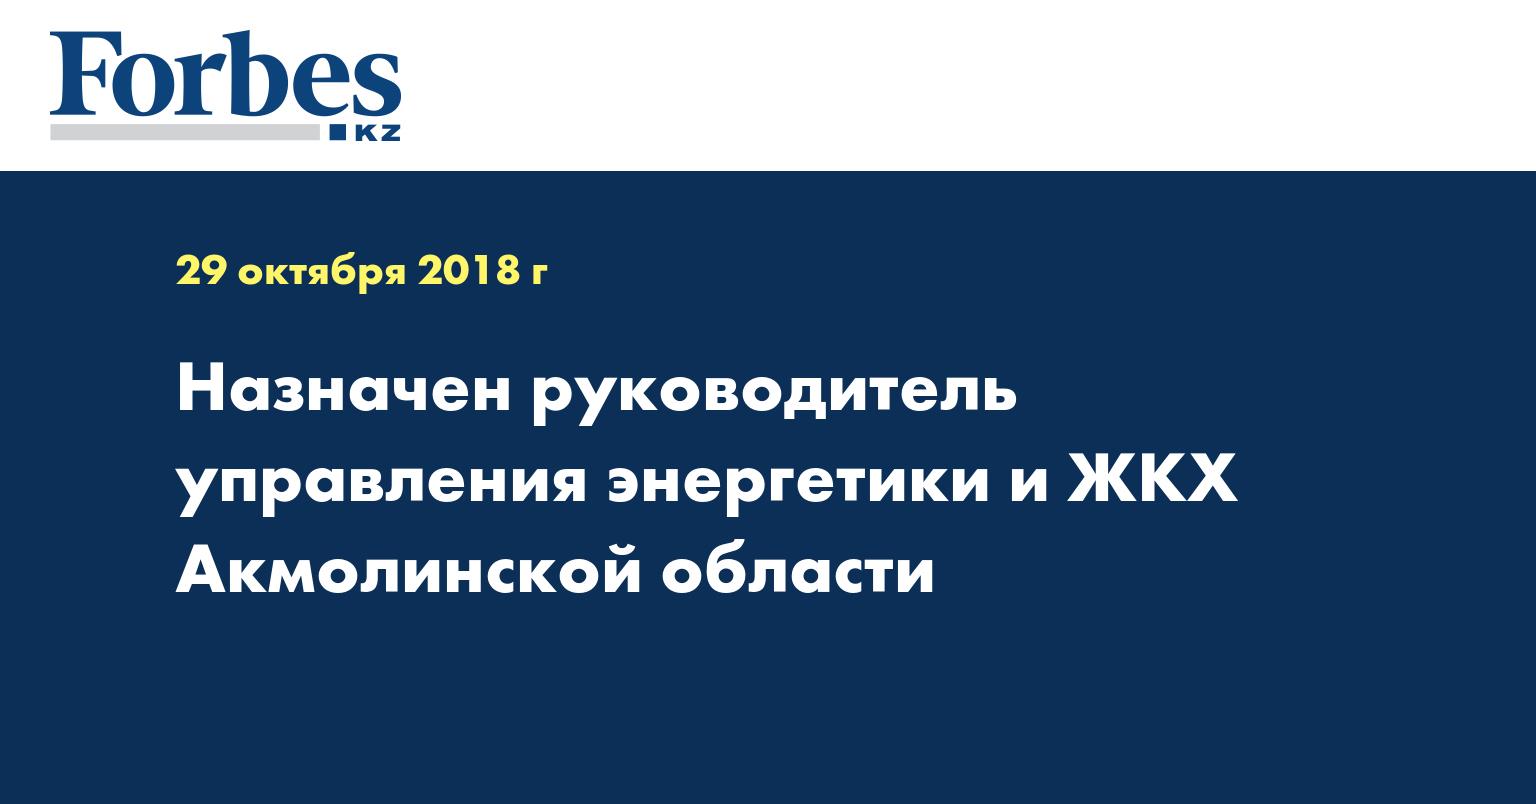 Назначен руководитель управления энергетики и ЖКХ Акмолинской области